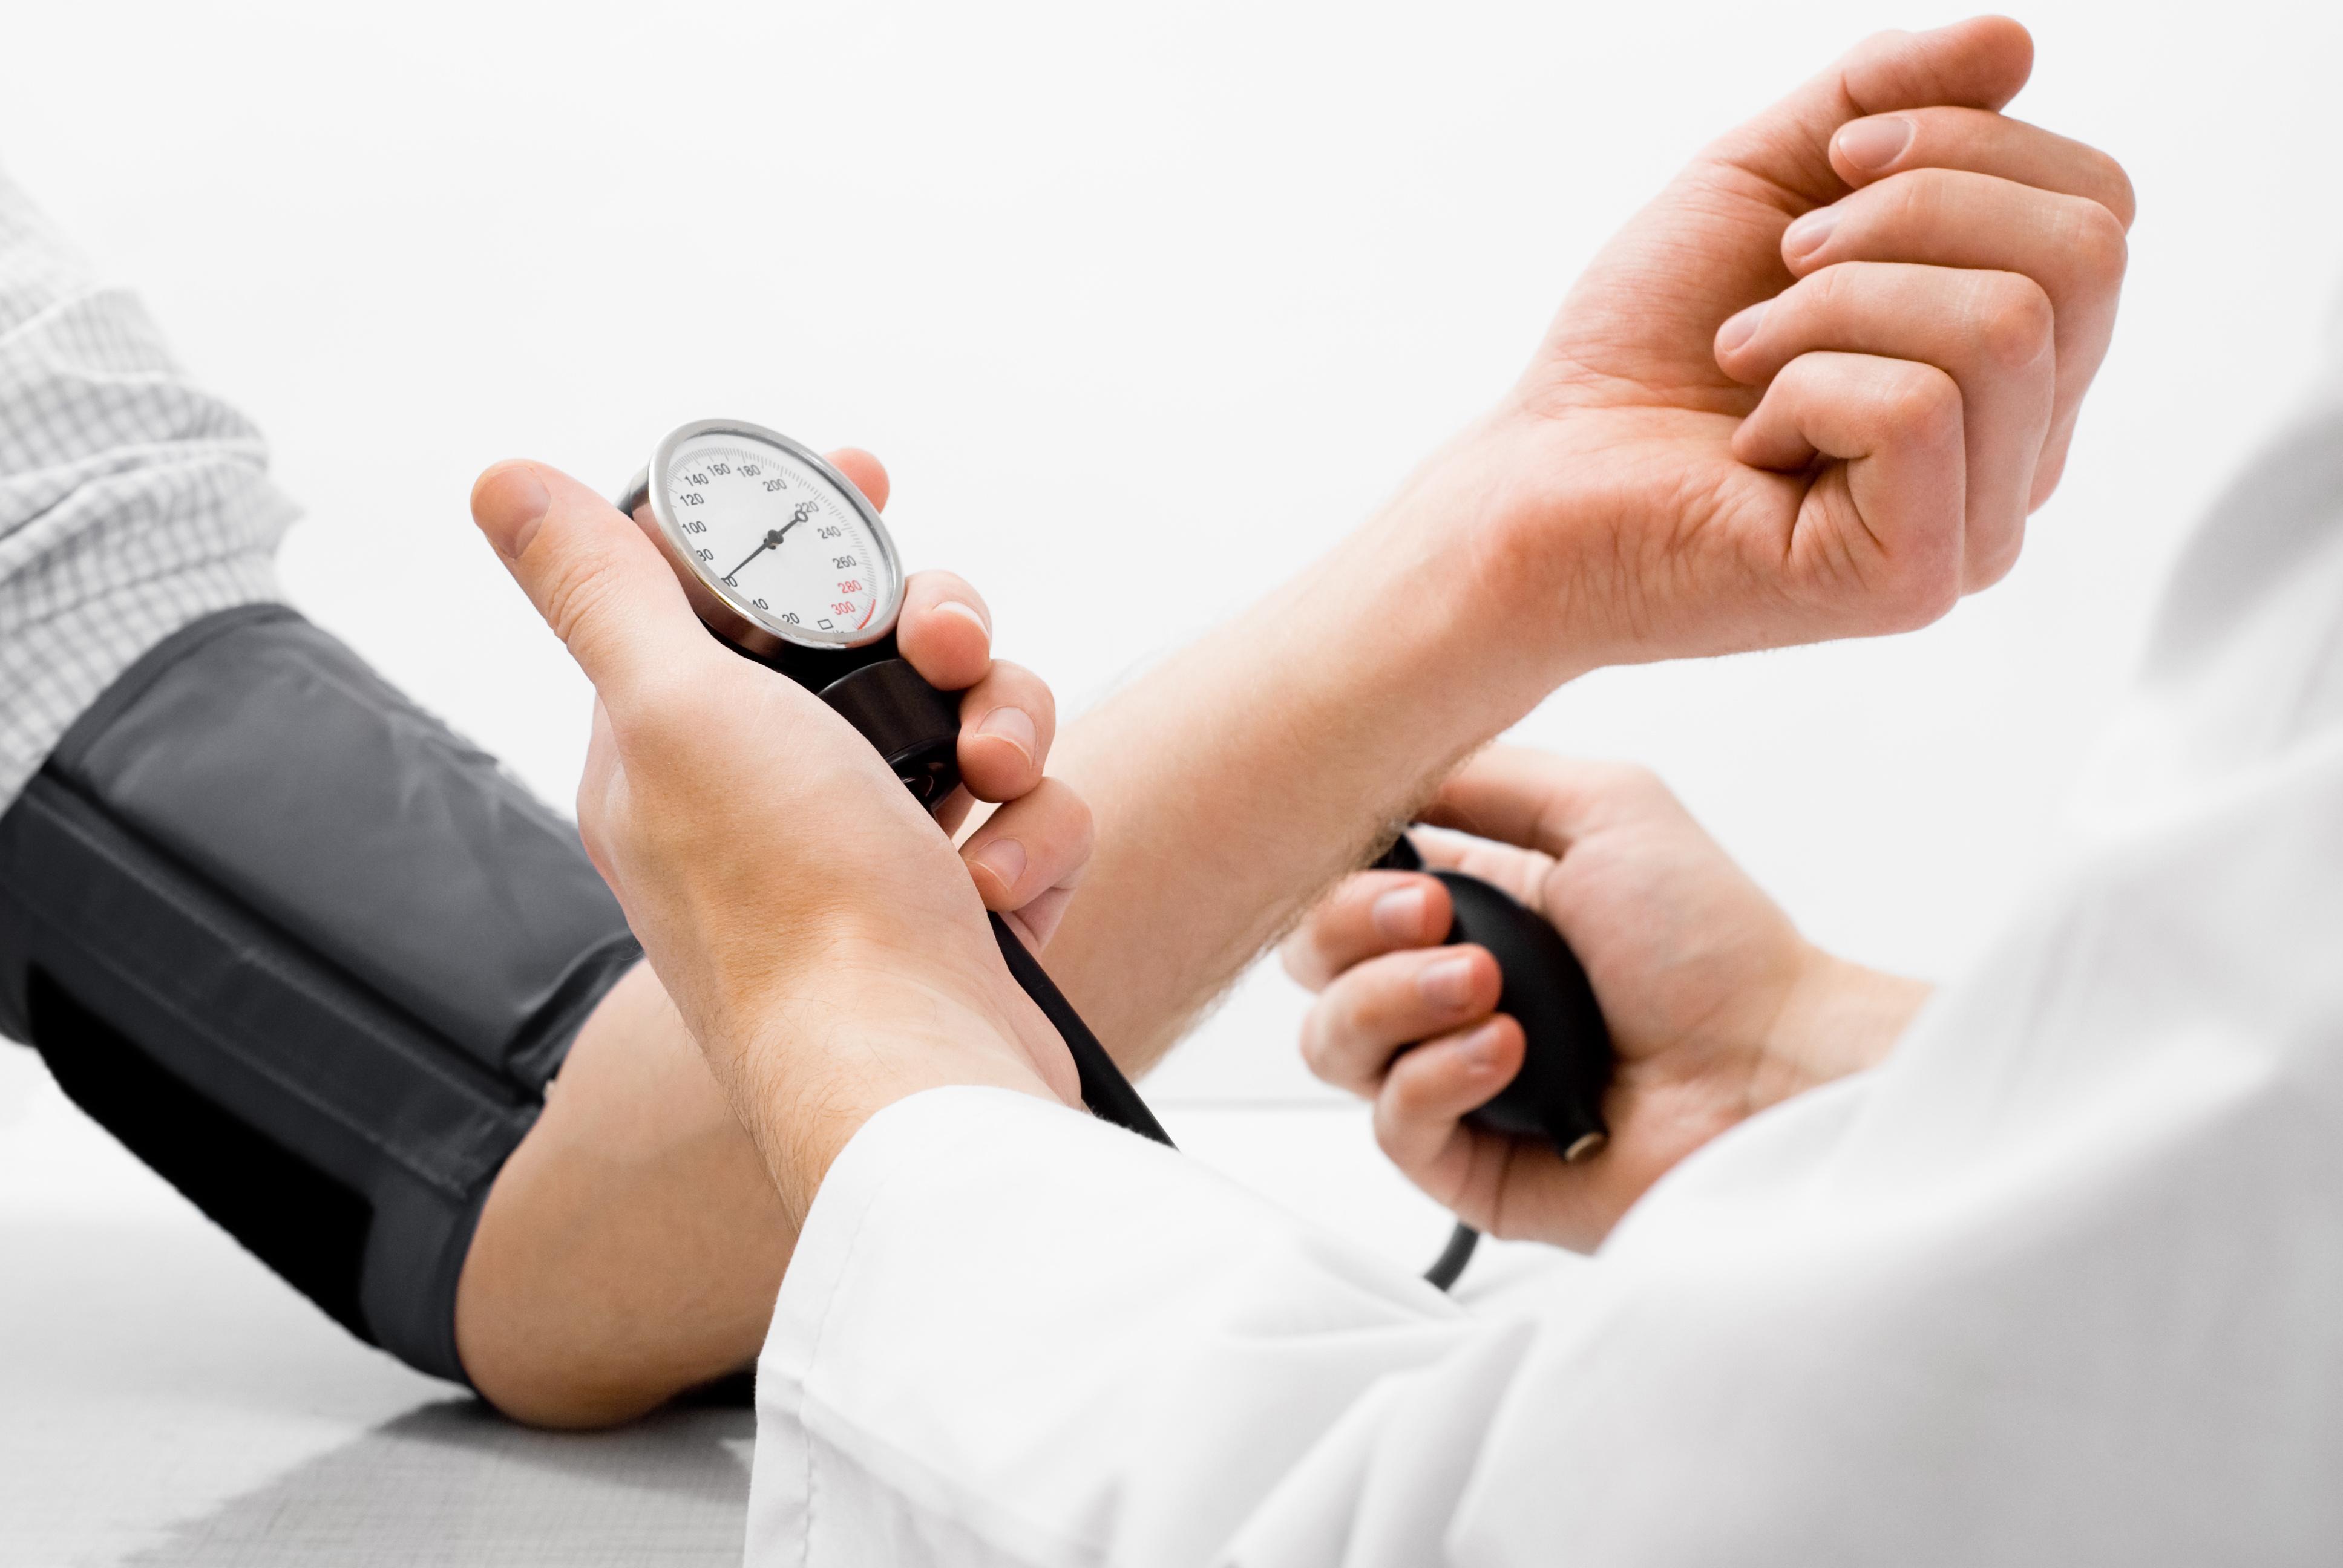 pszichoszomatika asztali hipertónia vazobral magas vérnyomás esetén